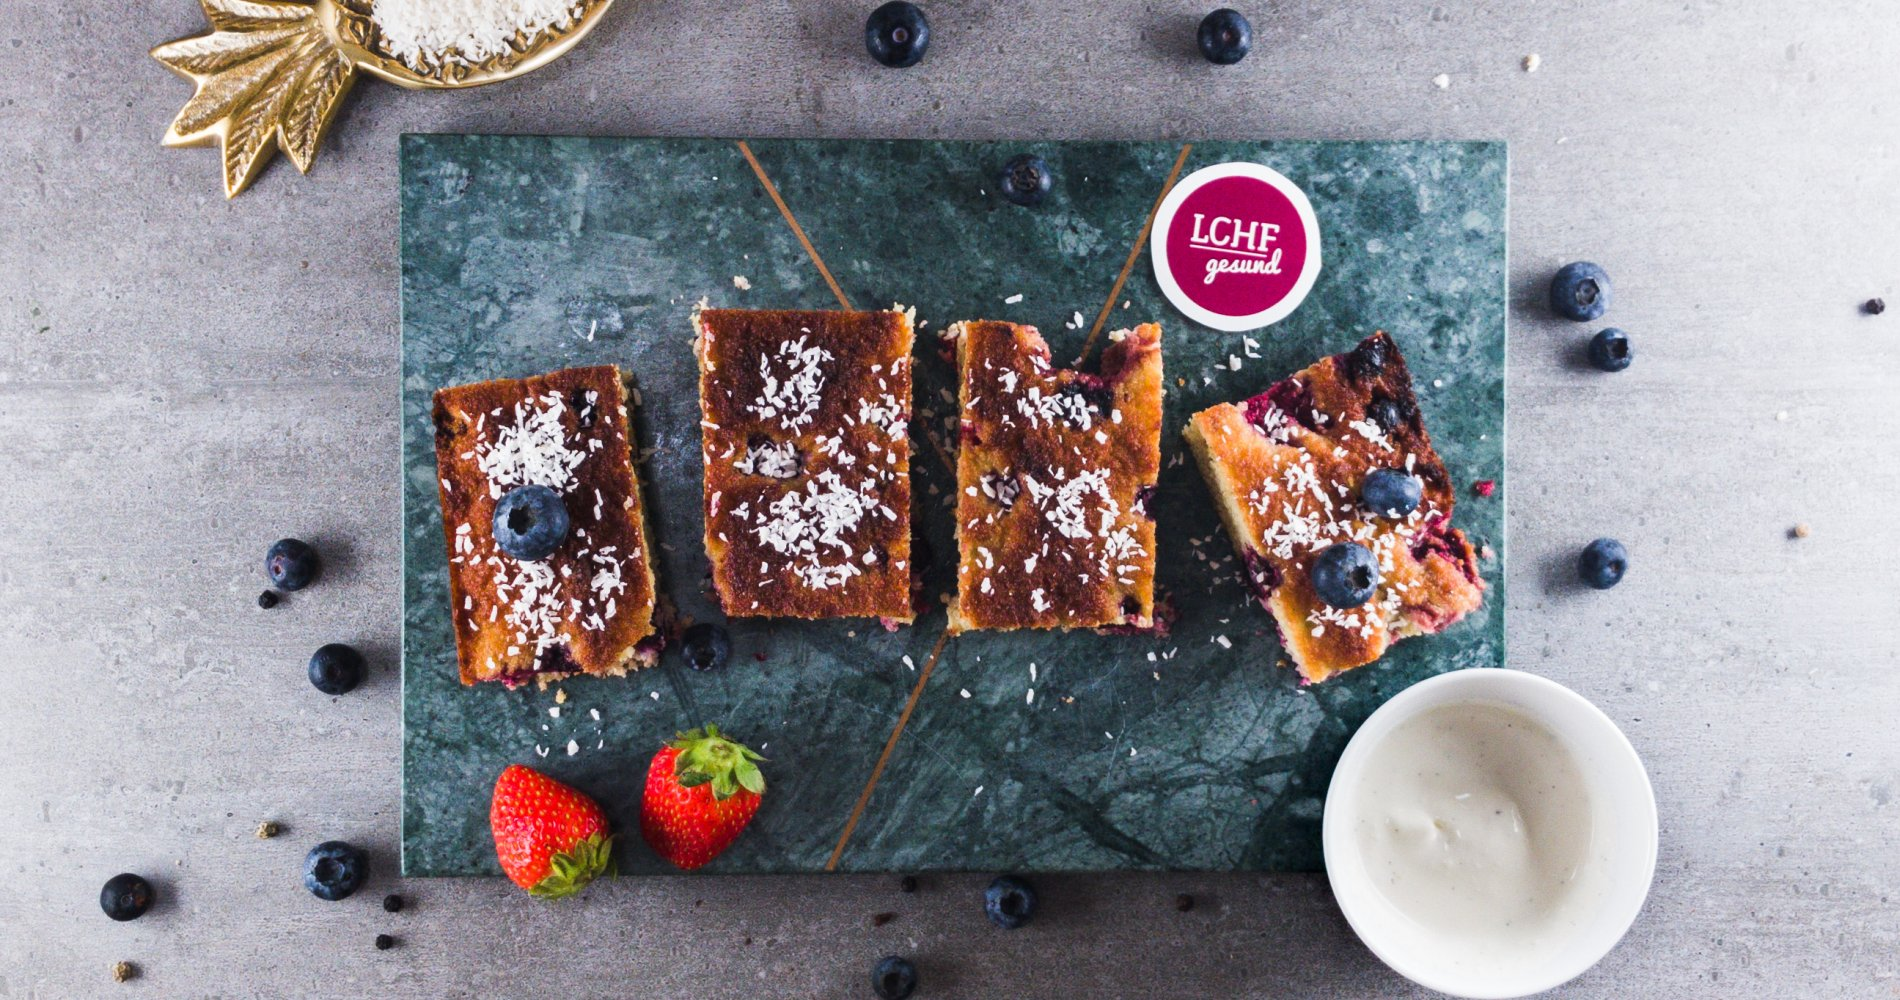 Rezept Low Carb: Einfacher Blechkuchen - LCHF-gesund.de